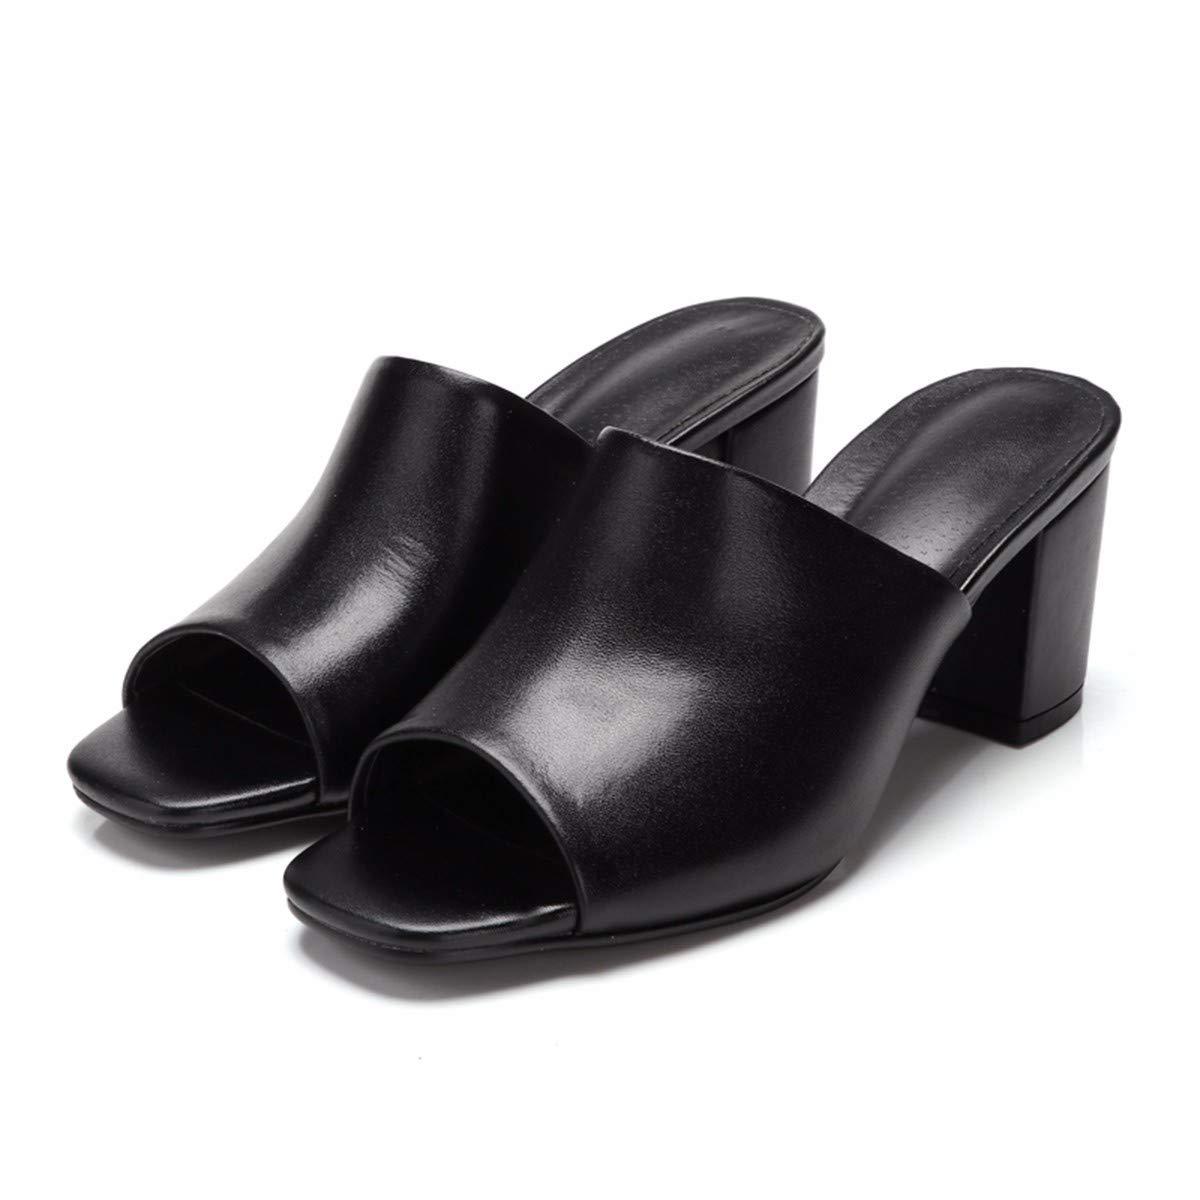 KPHY Drag Damenschuhe/Platz Kopf Rau und Pantoffeln Sommer-Mode Tragen Leder Drag KPHY - Mittel-und Coole Schuhe.34 Schwarz- a392b5